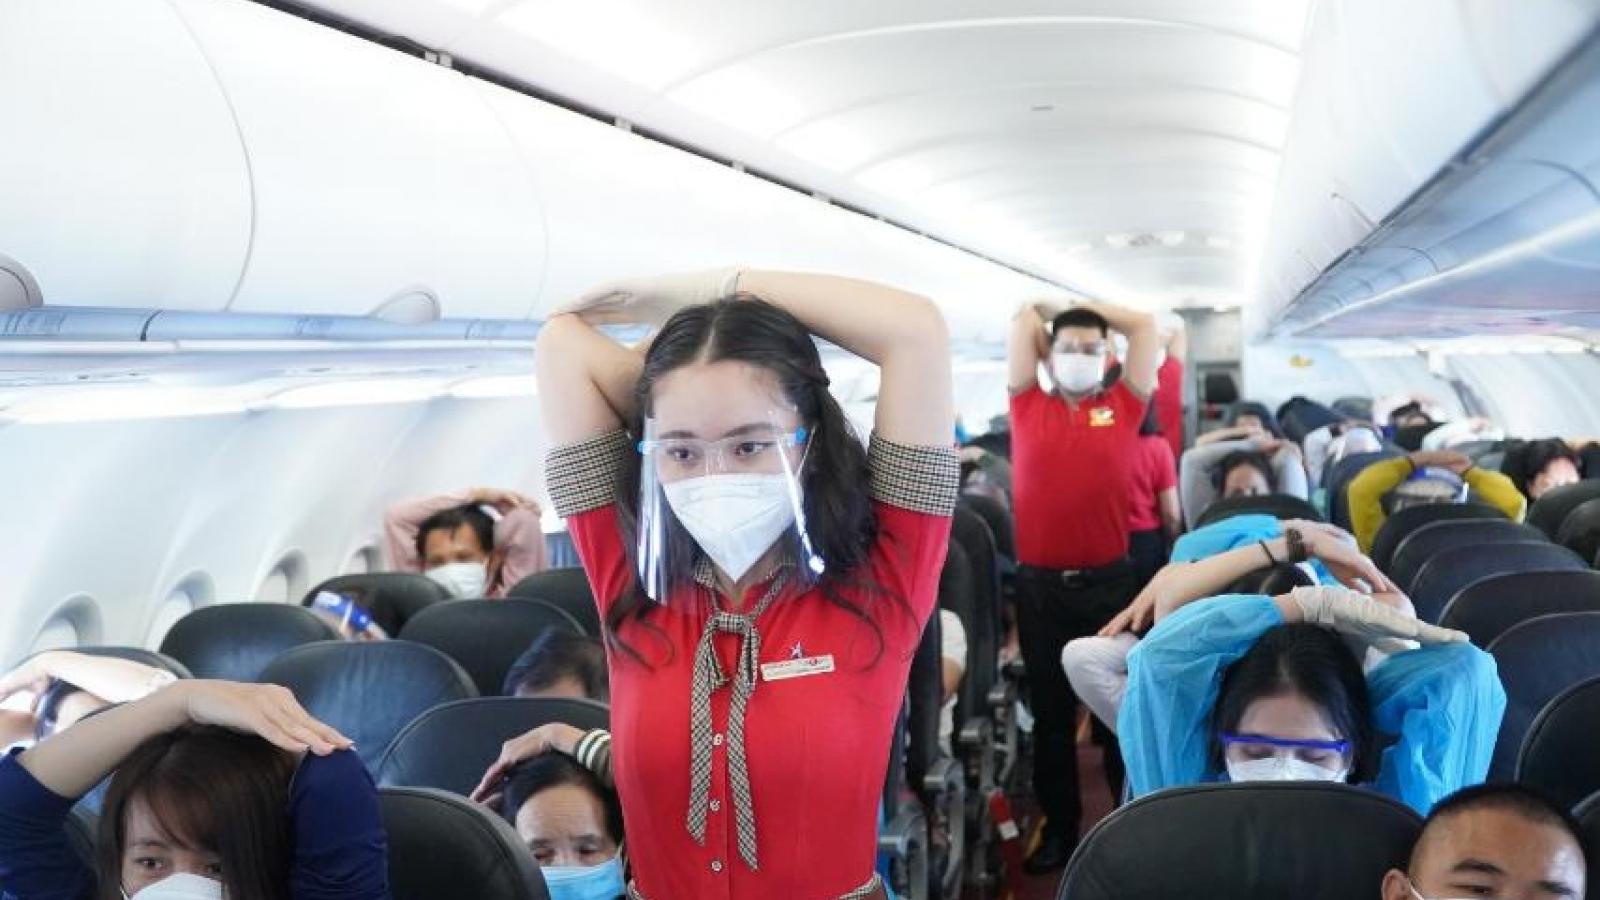 Đường bay nối lại trong sự hân hoan của người dân về một phương tiện an toàn